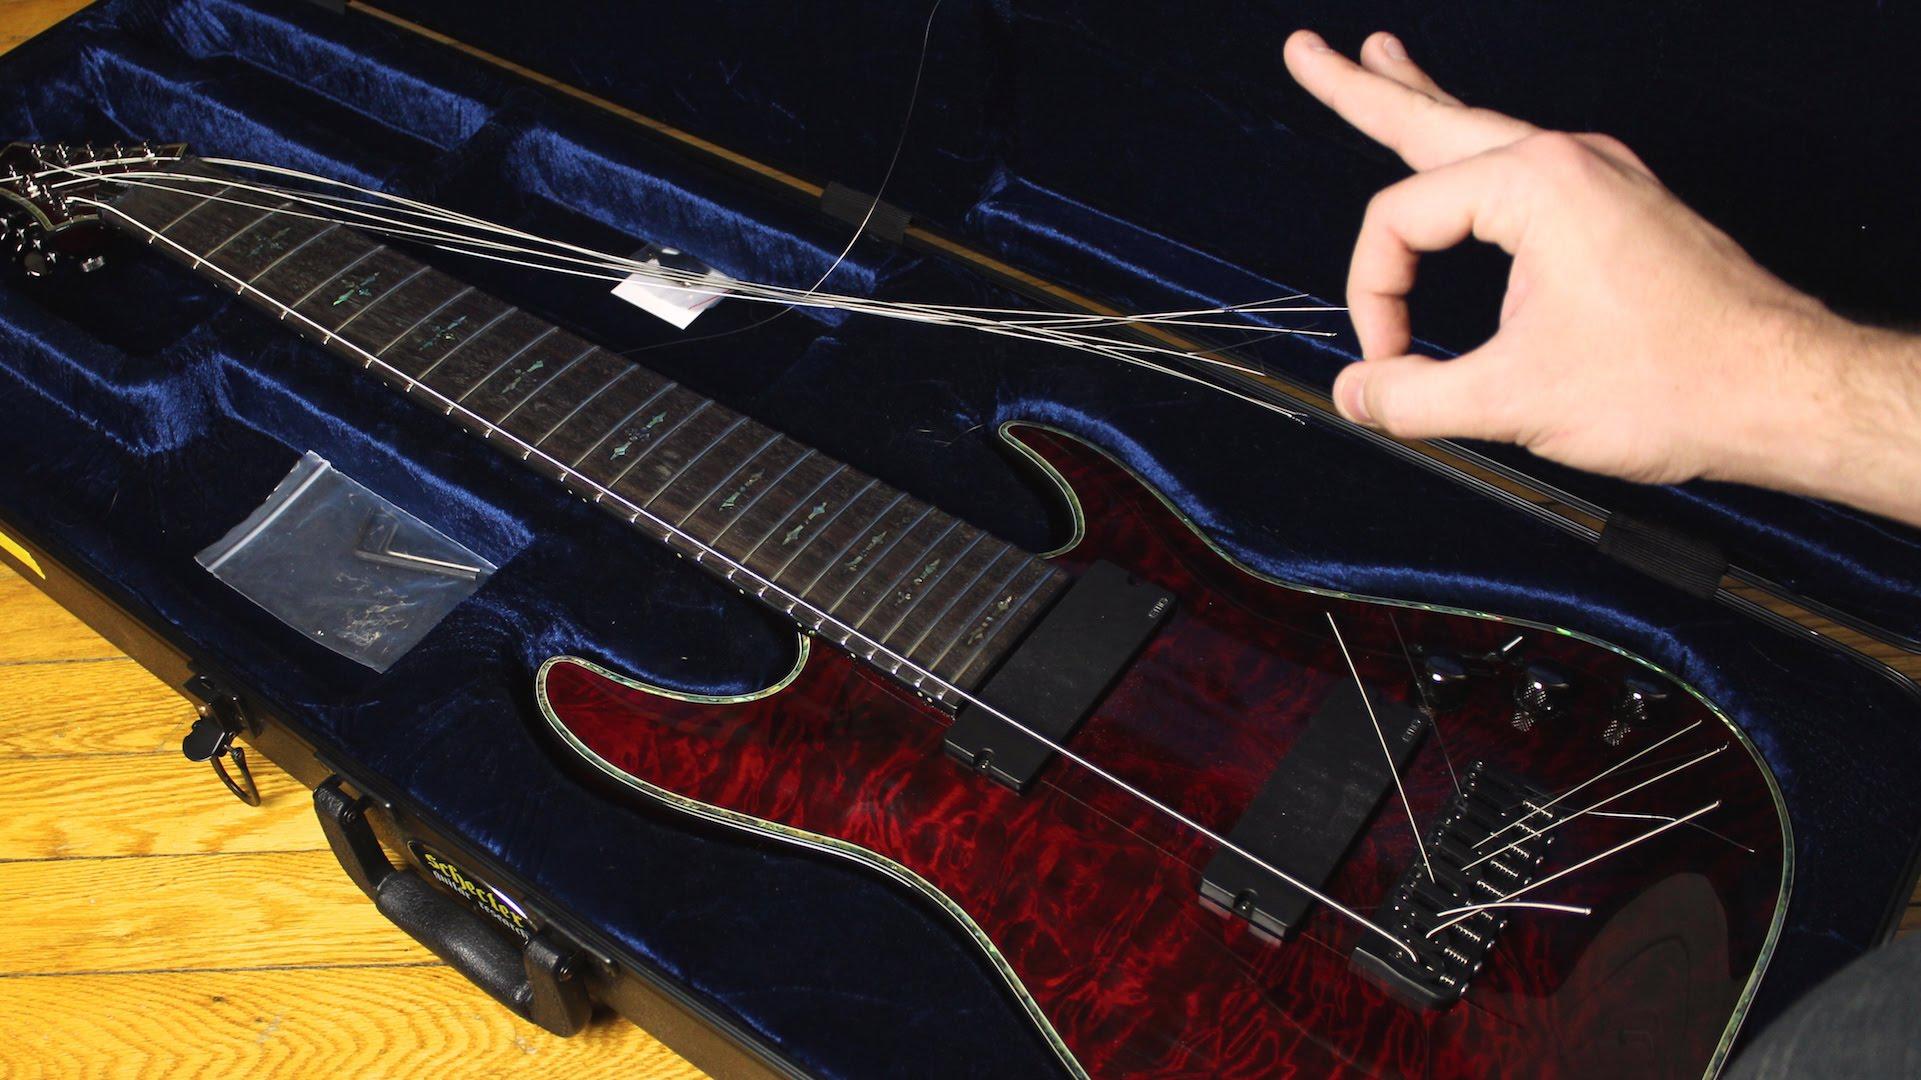 確かにそれっぽい……1本の弦でヘヴィメタルを演奏!